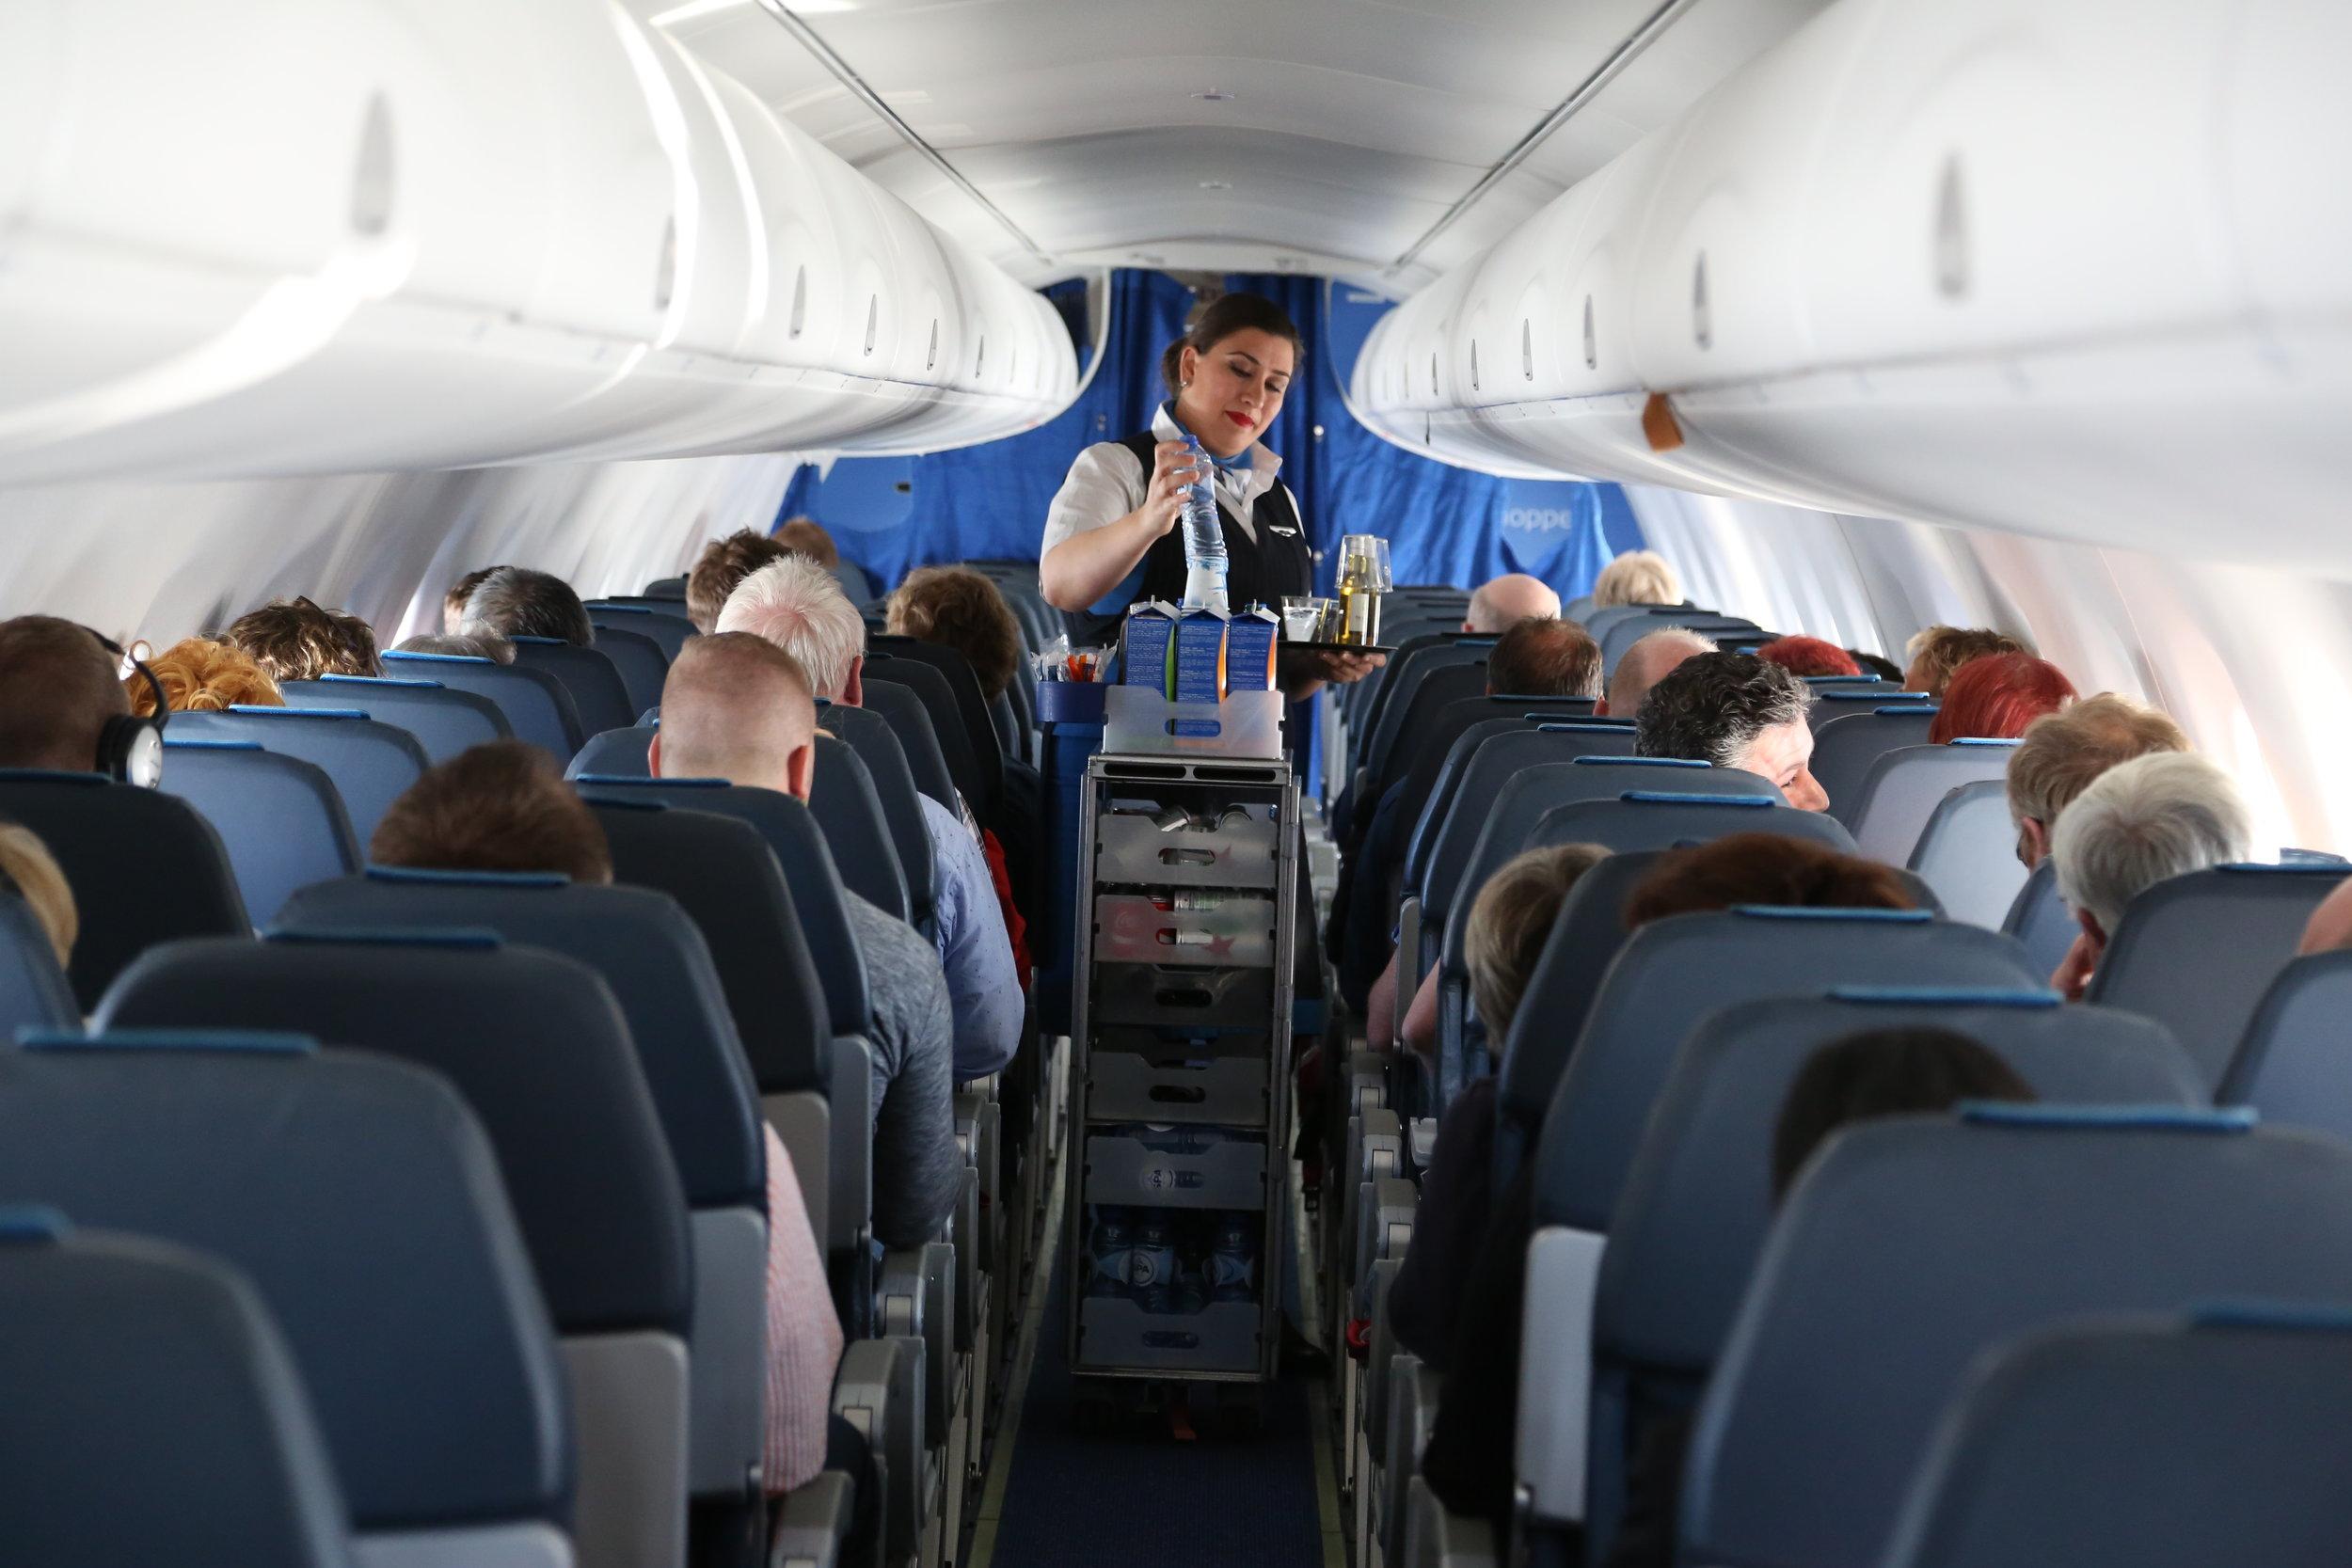 Bestiller du flybillettene dine på den smarte måten? Foto: Odd Roar Lange